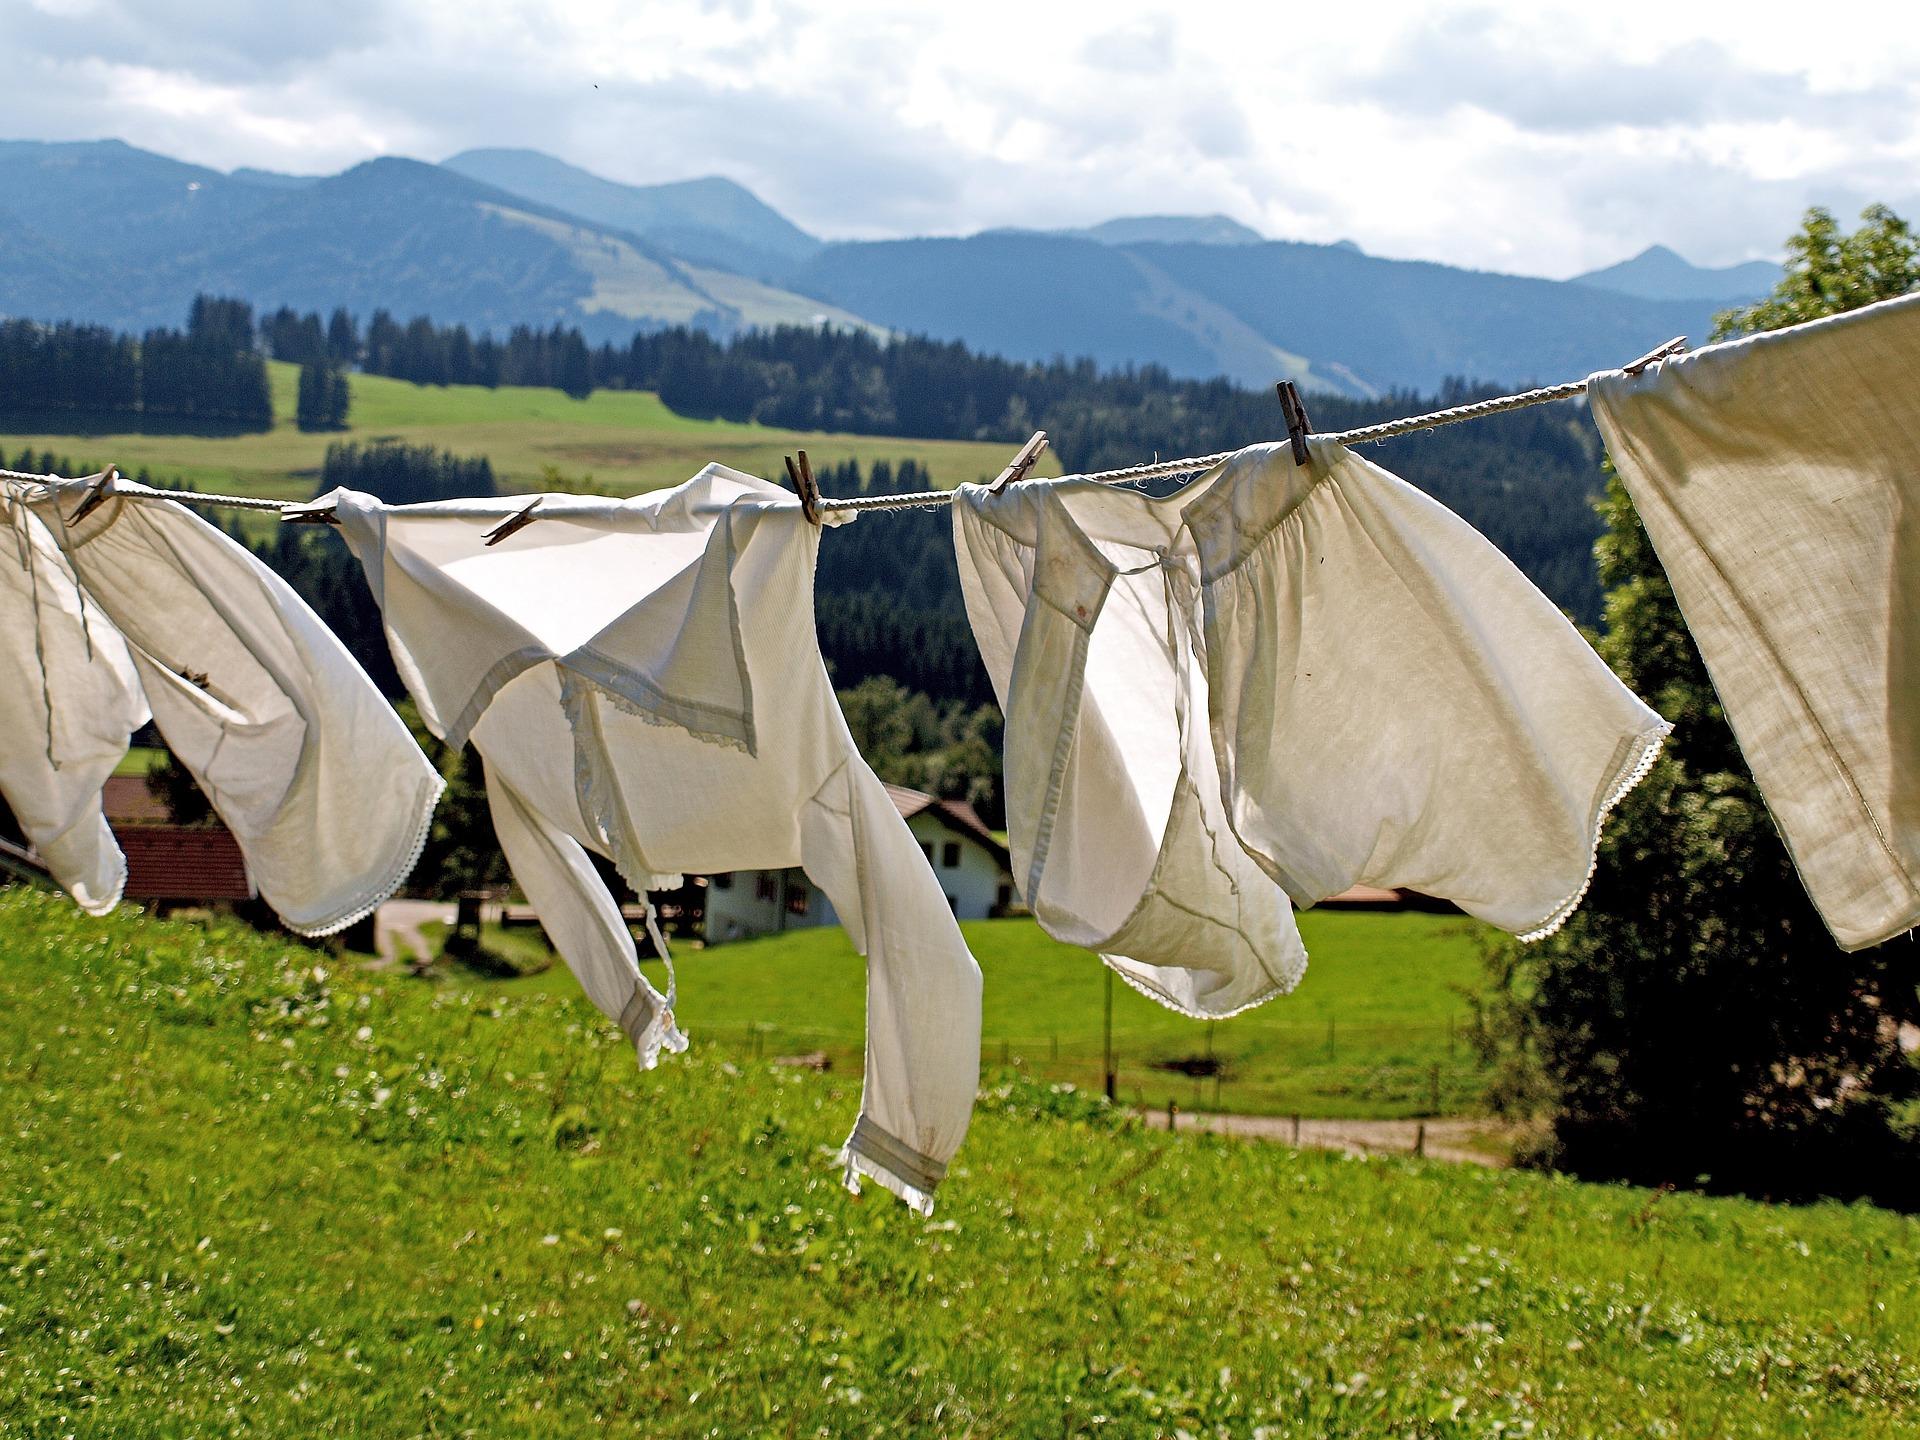 部屋干しのおすすめグッズ特集!便利で雨の日の洗濯もバッチリな商品11選!